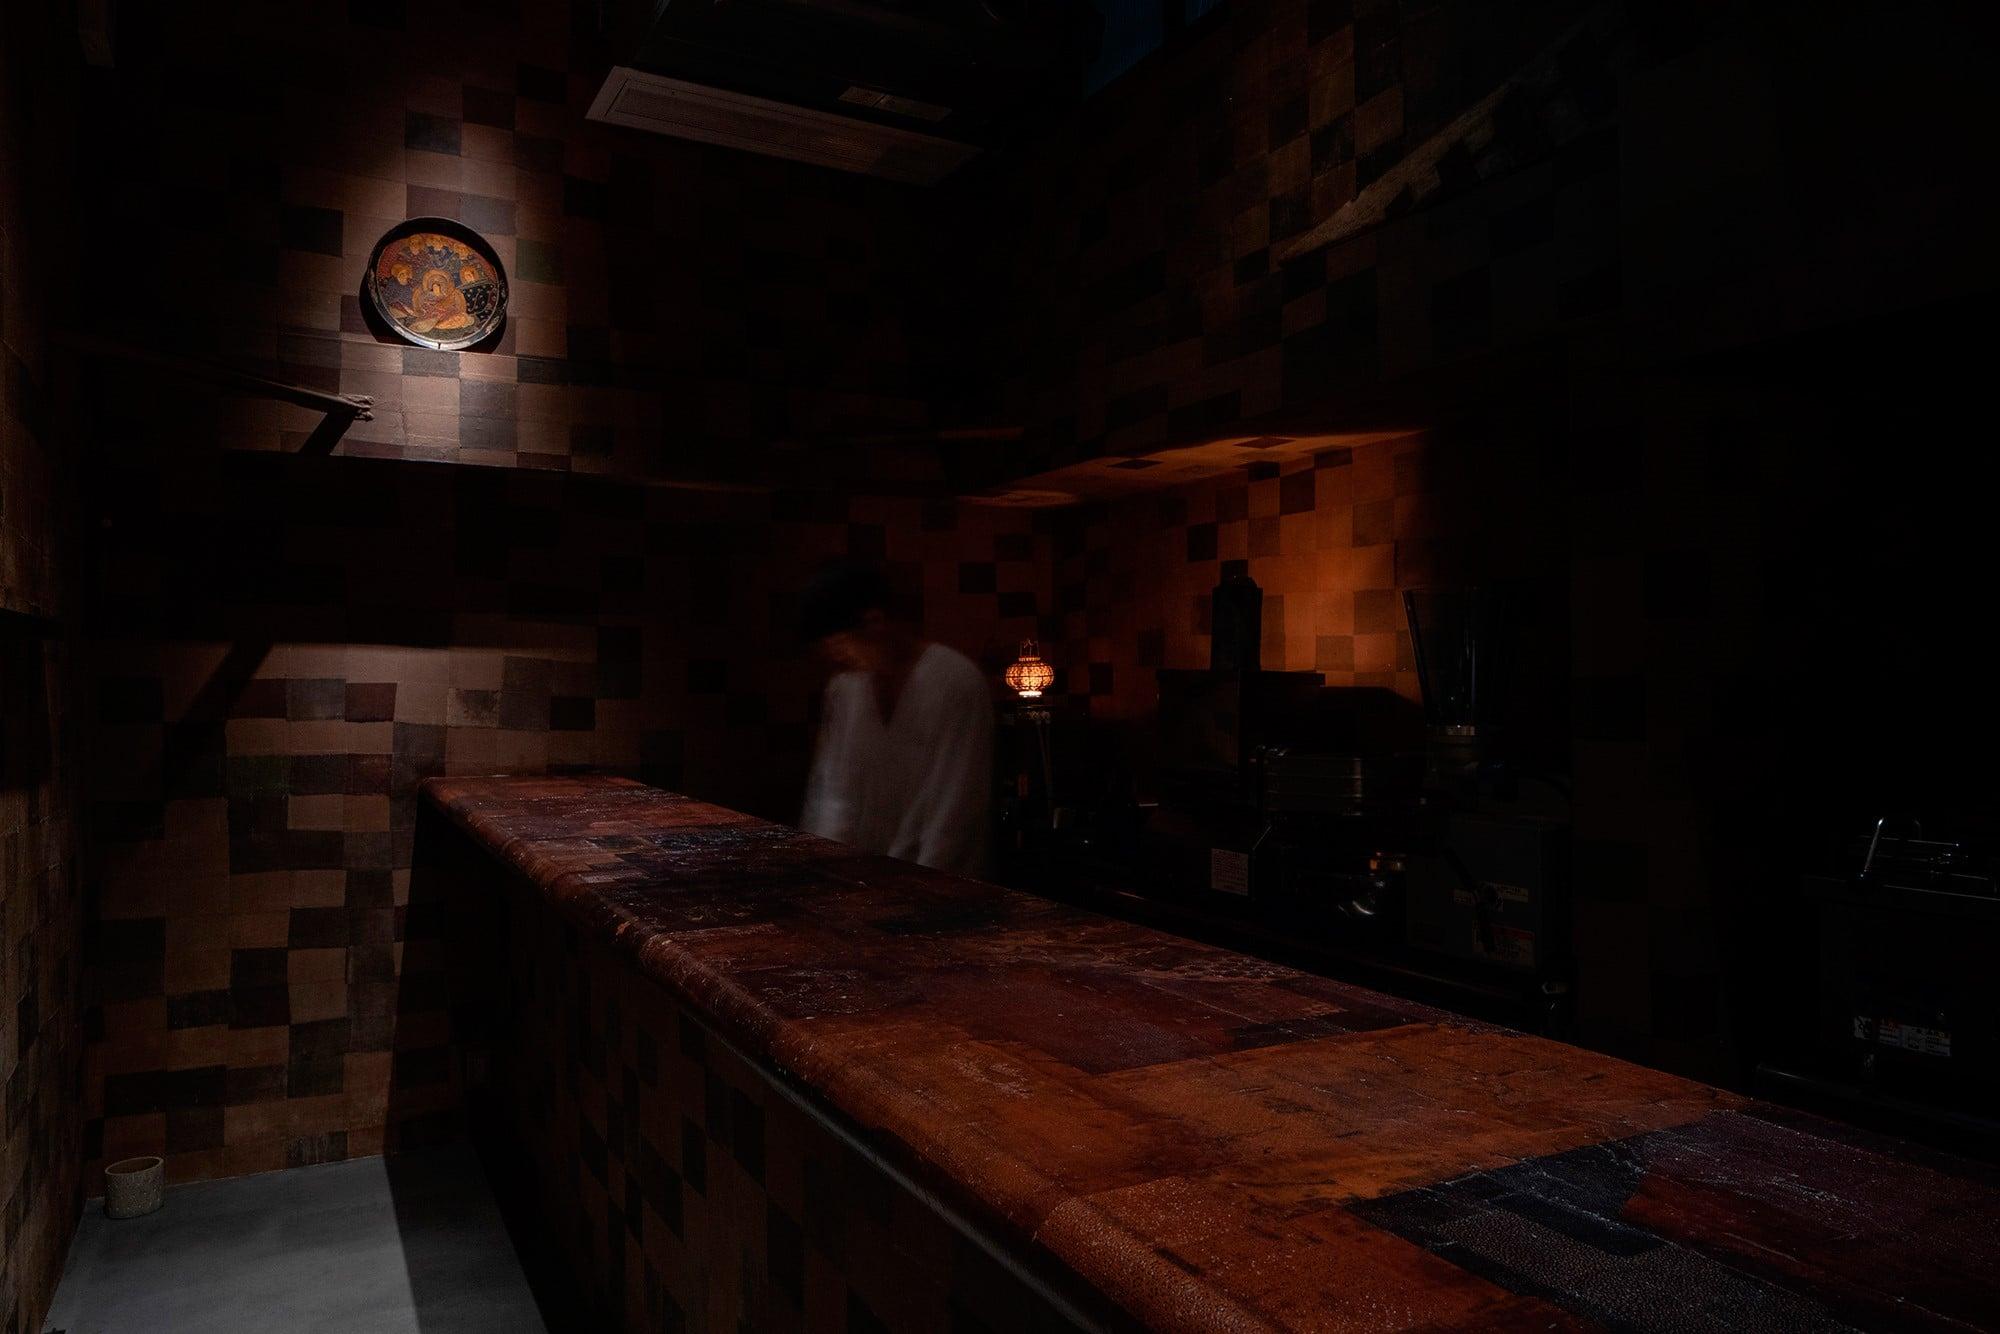 ハタノワタルが内装を手がけた「会員制餃子冫(にすい)」の店内。壁には手漉きで作られた和紙を、手で約6000枚に割いて、それを貼り重ねていった。